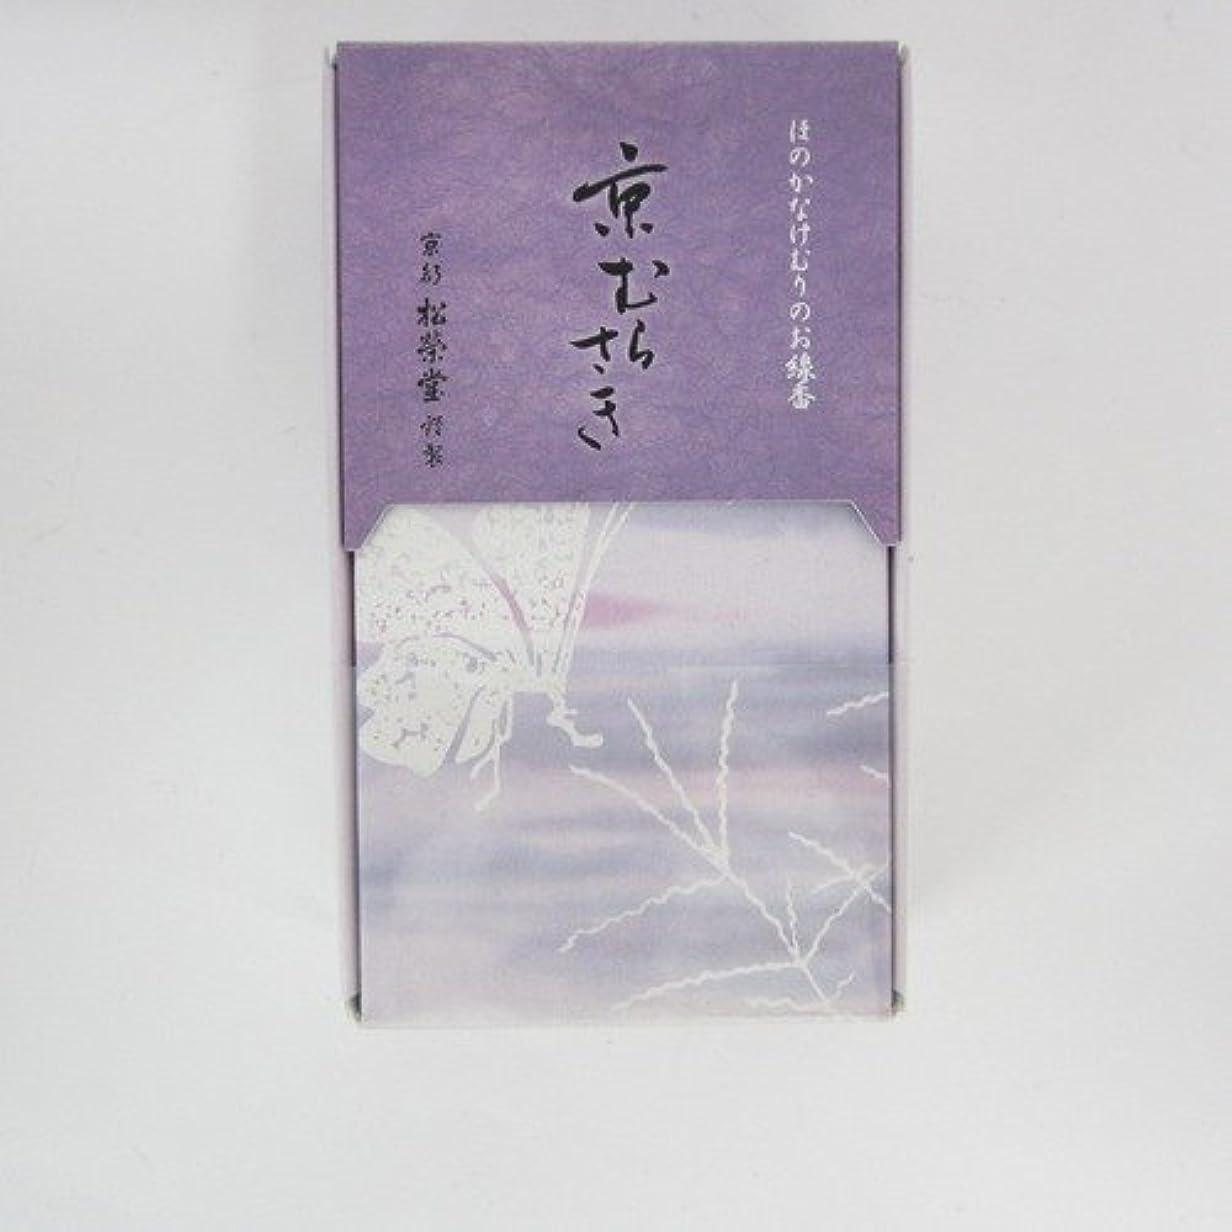 凍る瞑想的費やす松栄堂 玉響シリーズ 京むらさき 45g